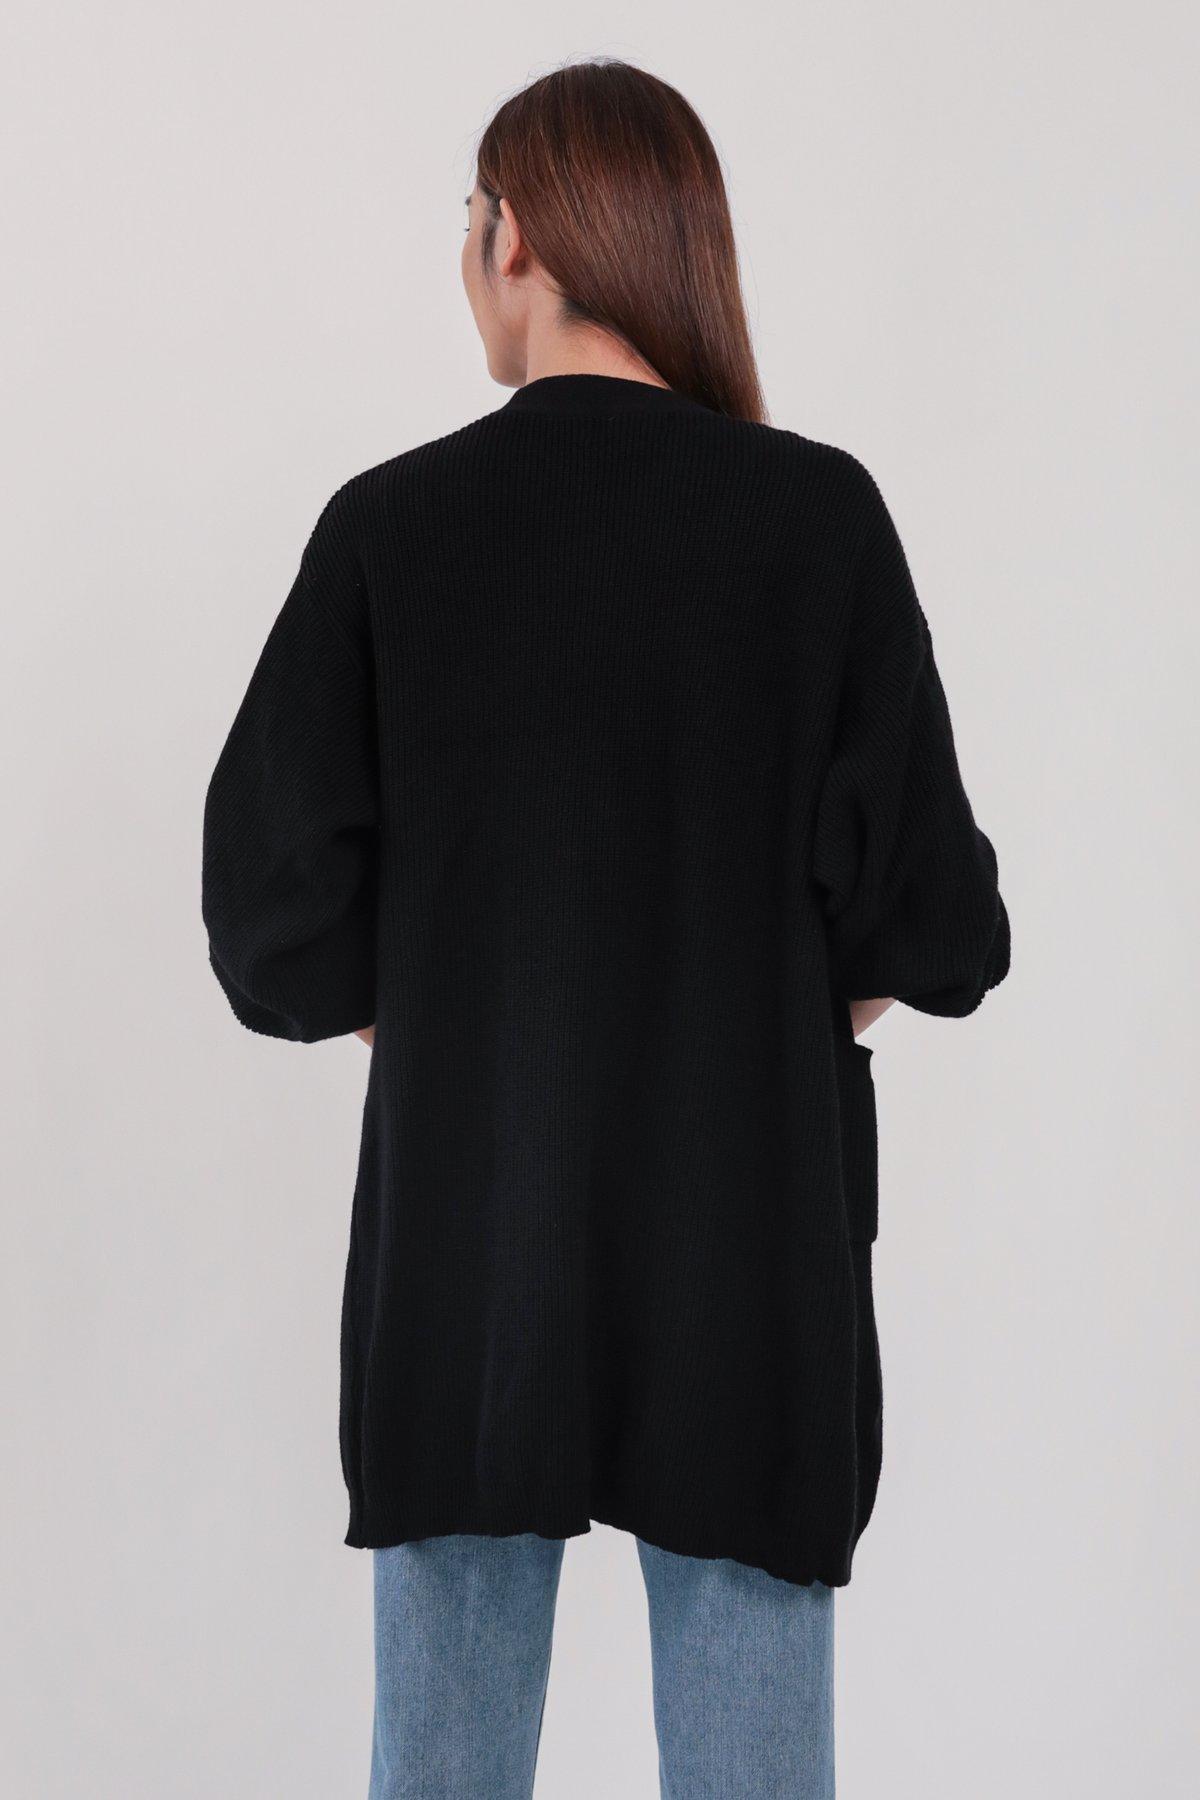 Oscar Knit Cardigan (Black)